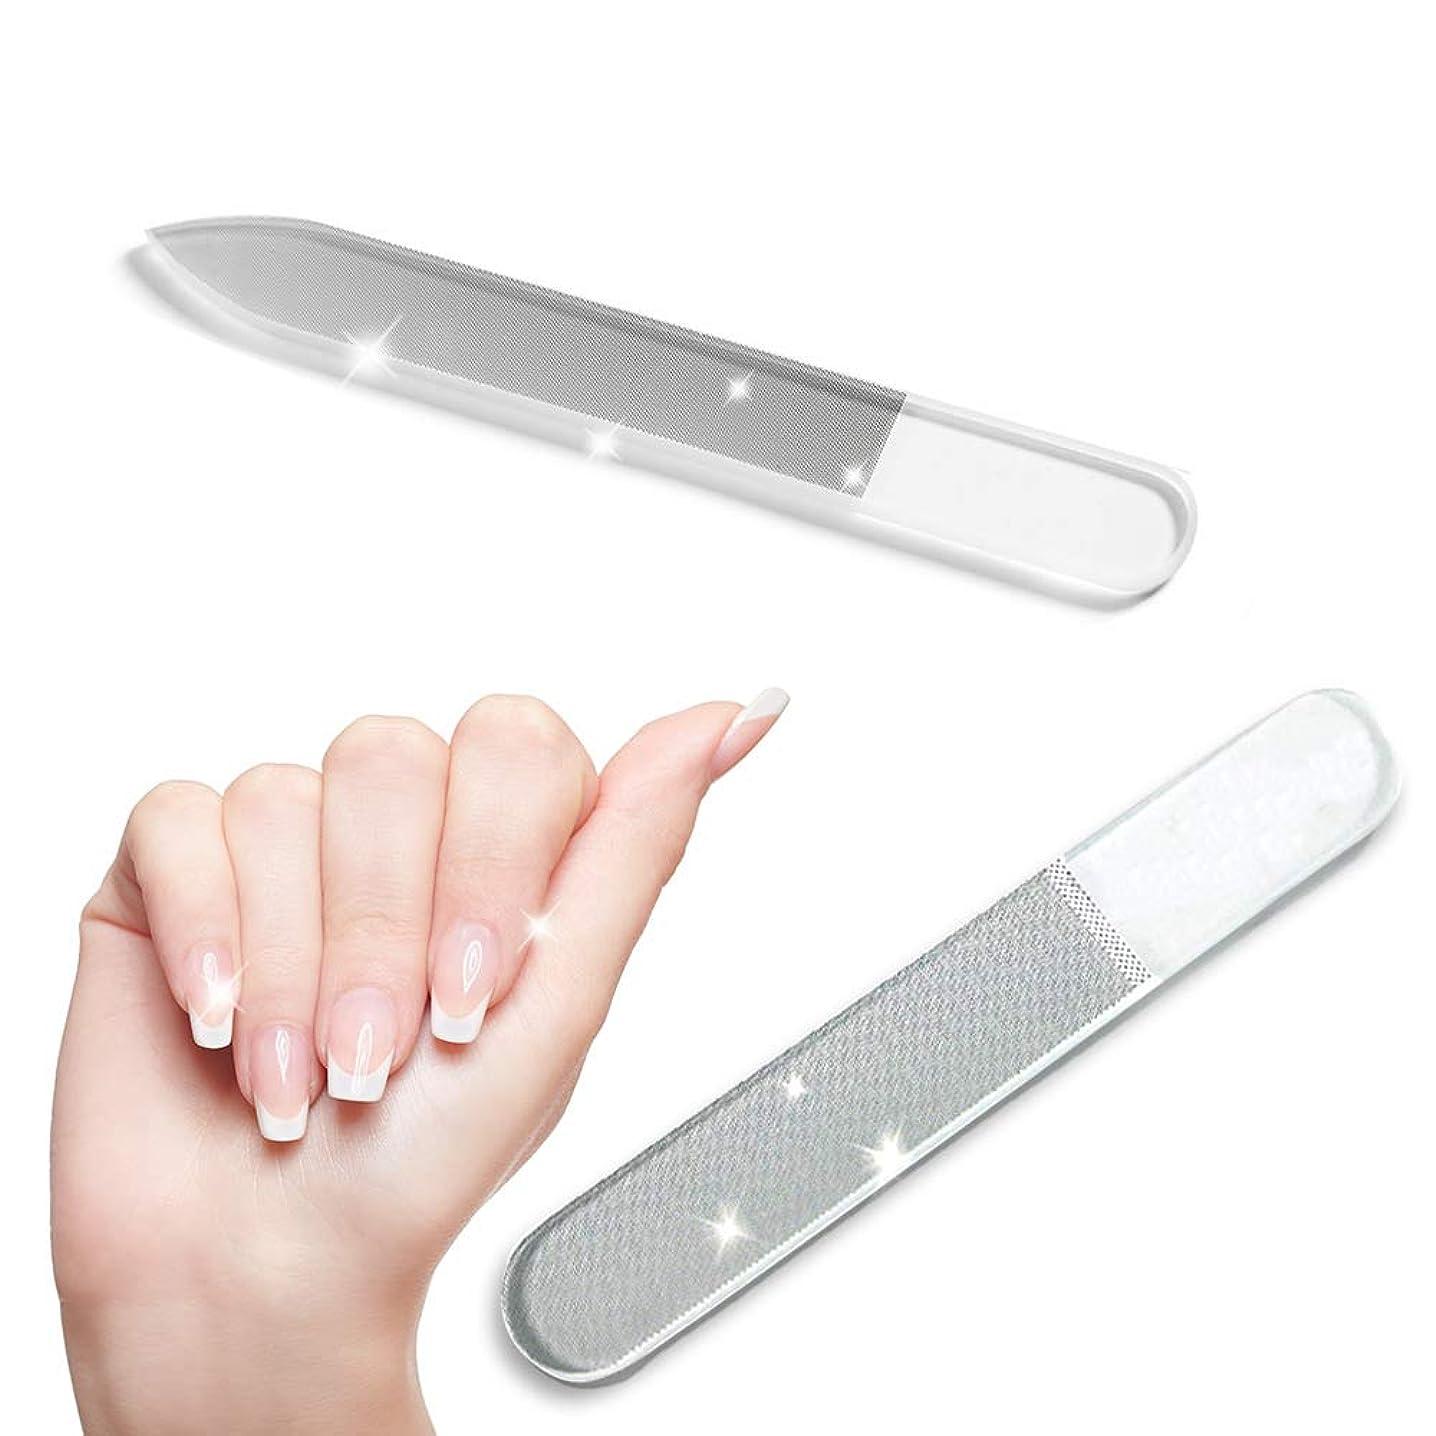 最初に操作シャイニング【お得な2点セット】爪やすり ガラス 爪磨き ツヤ出し ケース付属 ネイルシャイナー